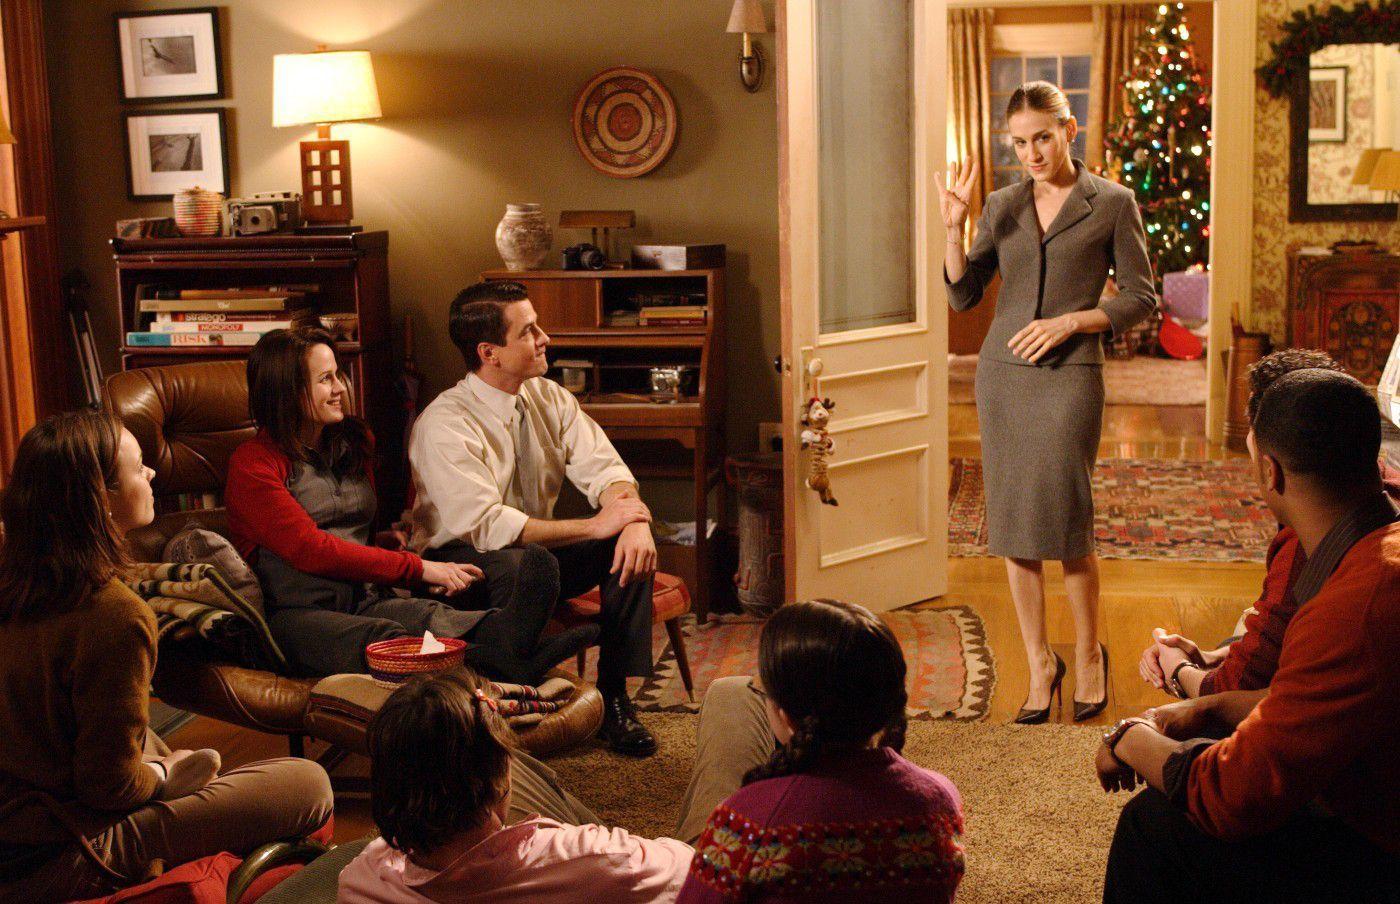 предпочитаете бегать фильм тариф счастливая семья в кино ру носила около